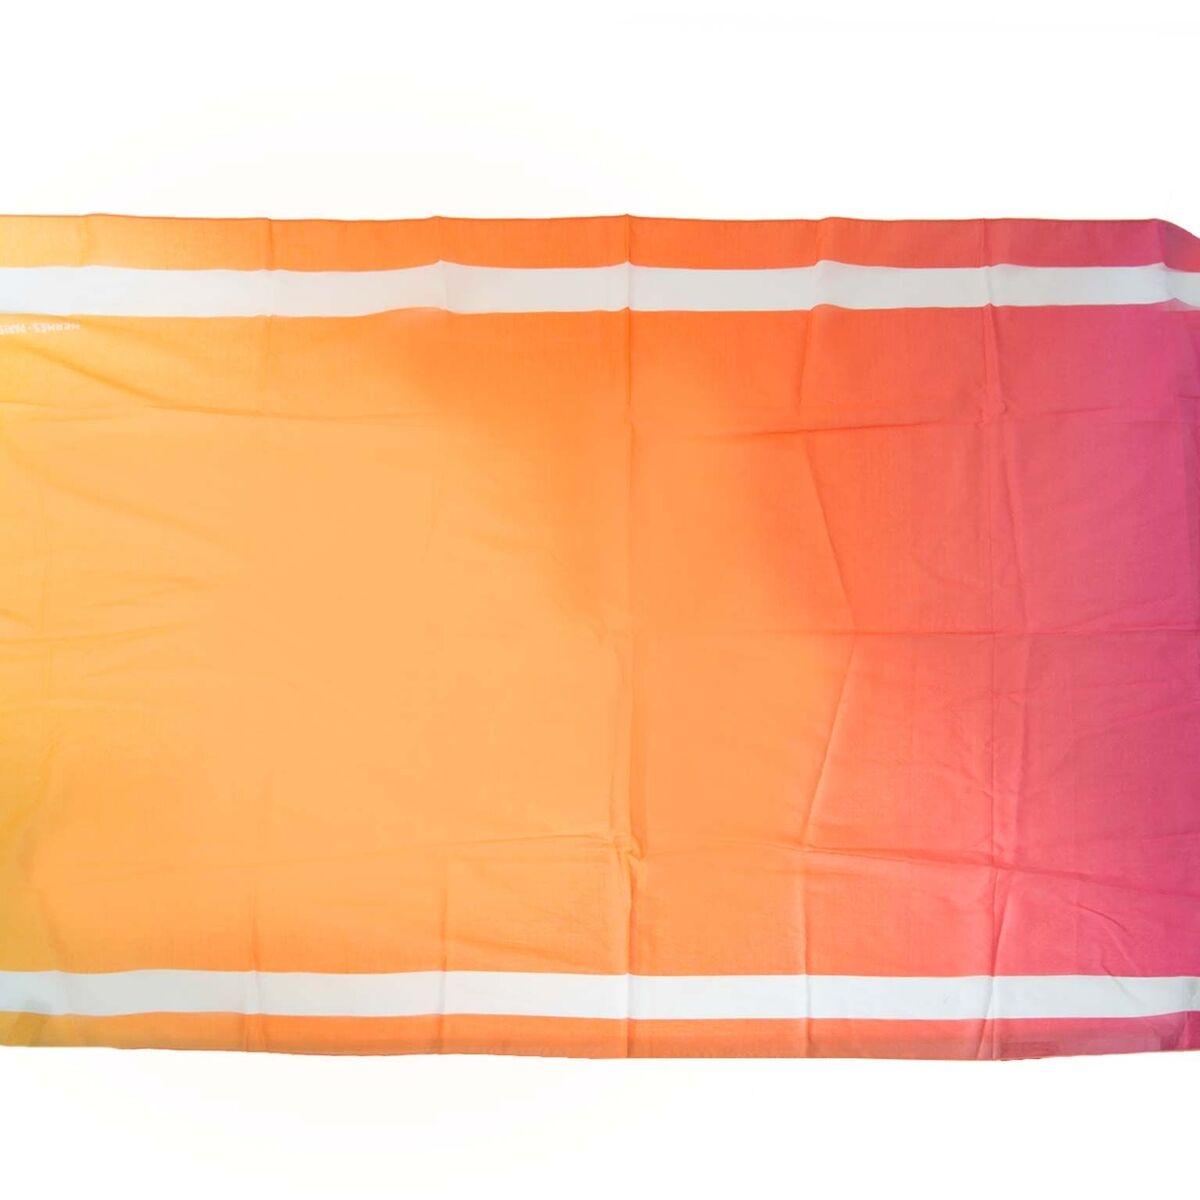 Koop authentieke tweedehands Hermès pareo aan een eerlijke prijs bij LabelLOV. Veilig online shoppen.